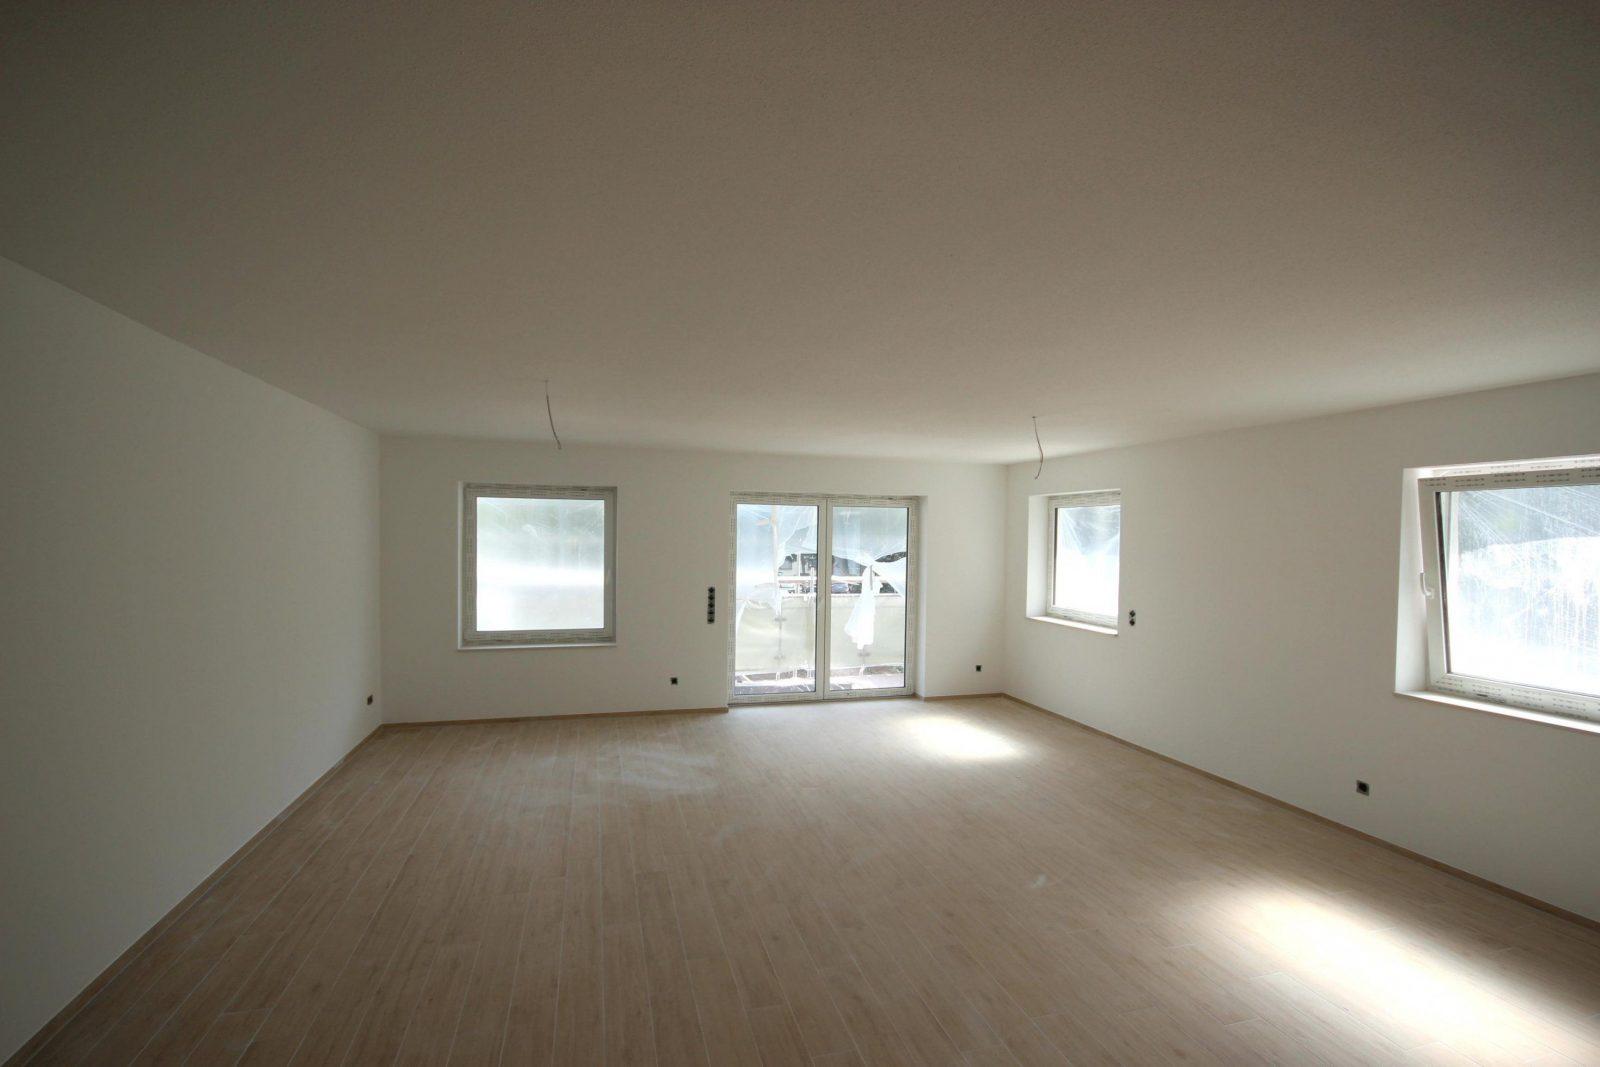 Wohnideen Coole Raumabtrenner Auch Schön Holzdecke Streichen Von Holzdecke  Weiß Streichen Ohne Abschleifen Bild